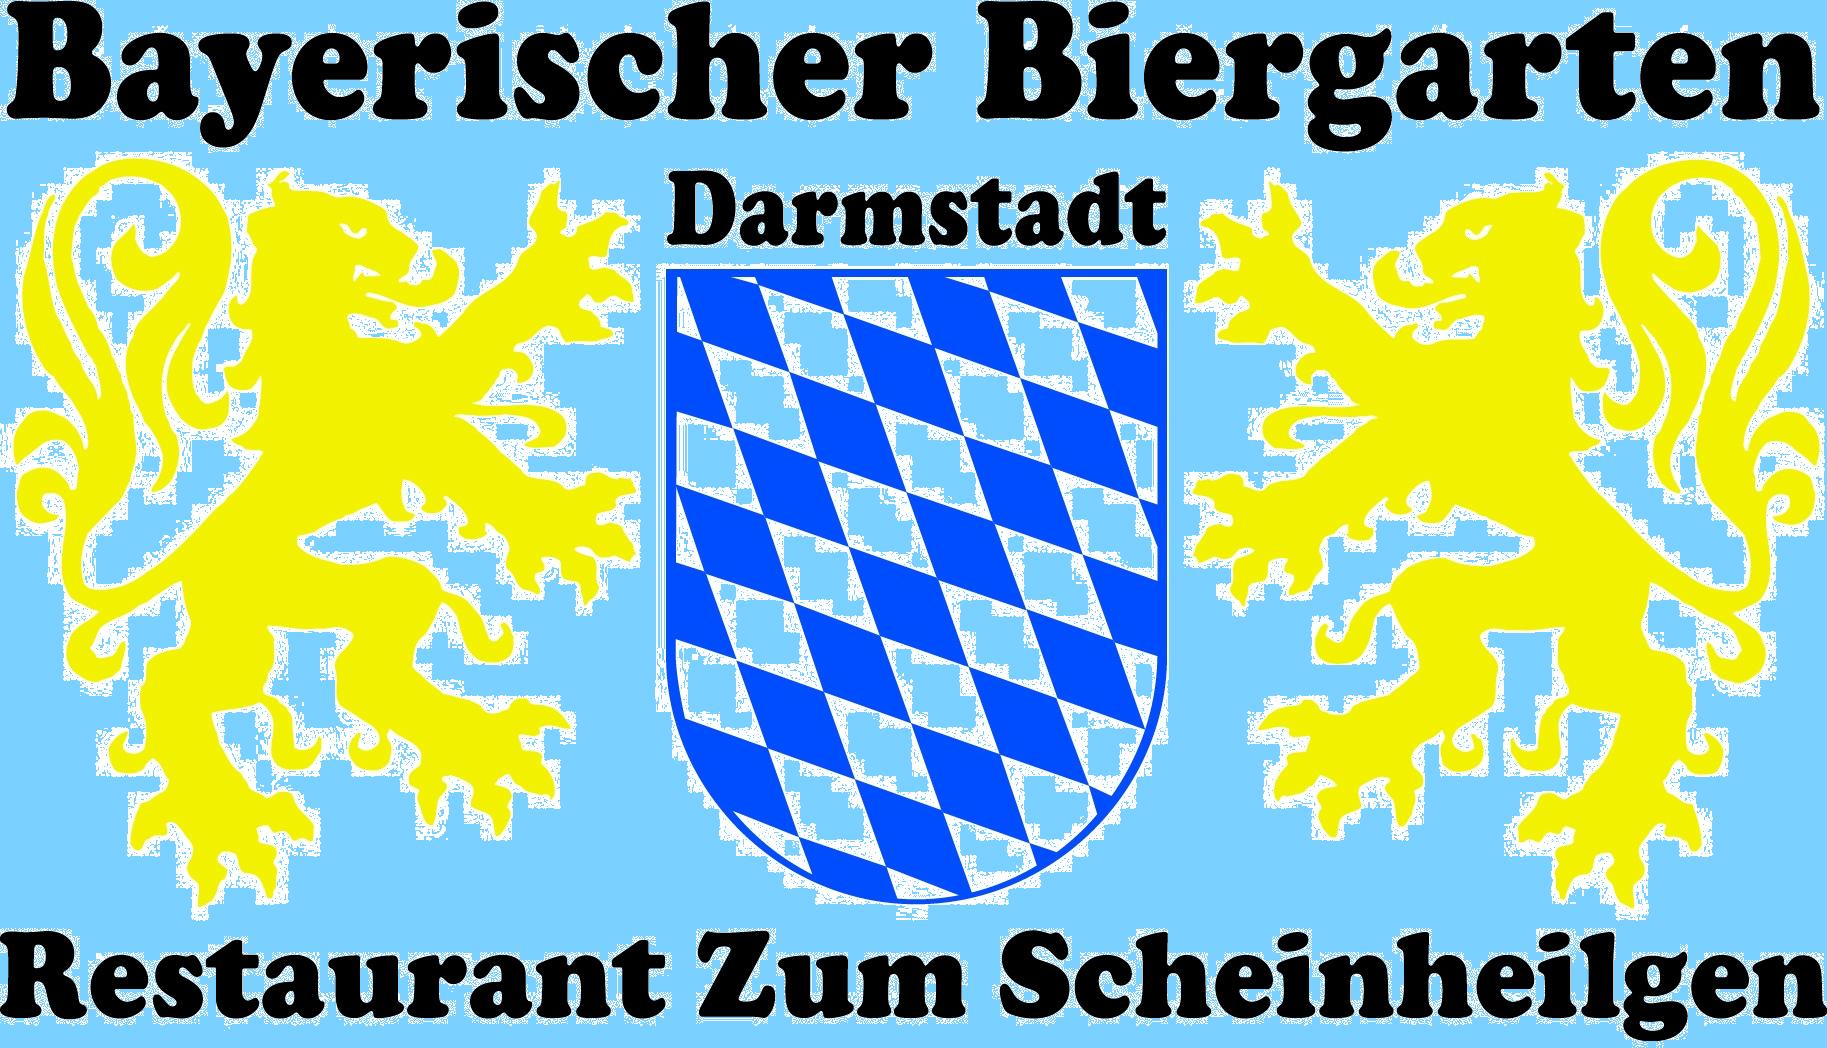 Bayerischer Biergarten Darmstadt